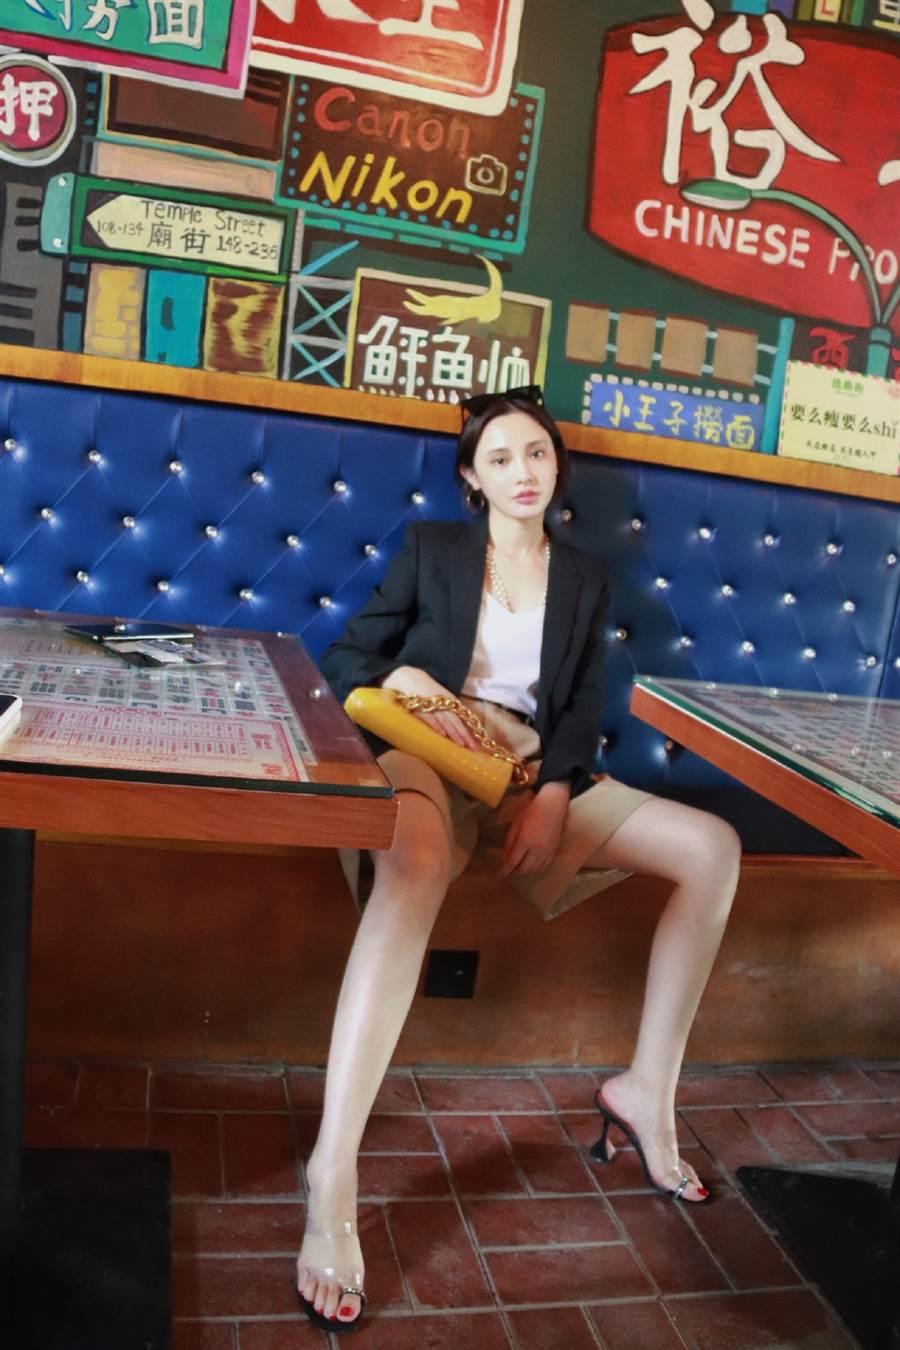 彭小苒西裝藏豐滿U字曲線 逆天辣腿惹人愛(圖/摘自微博@彭小苒工作室)